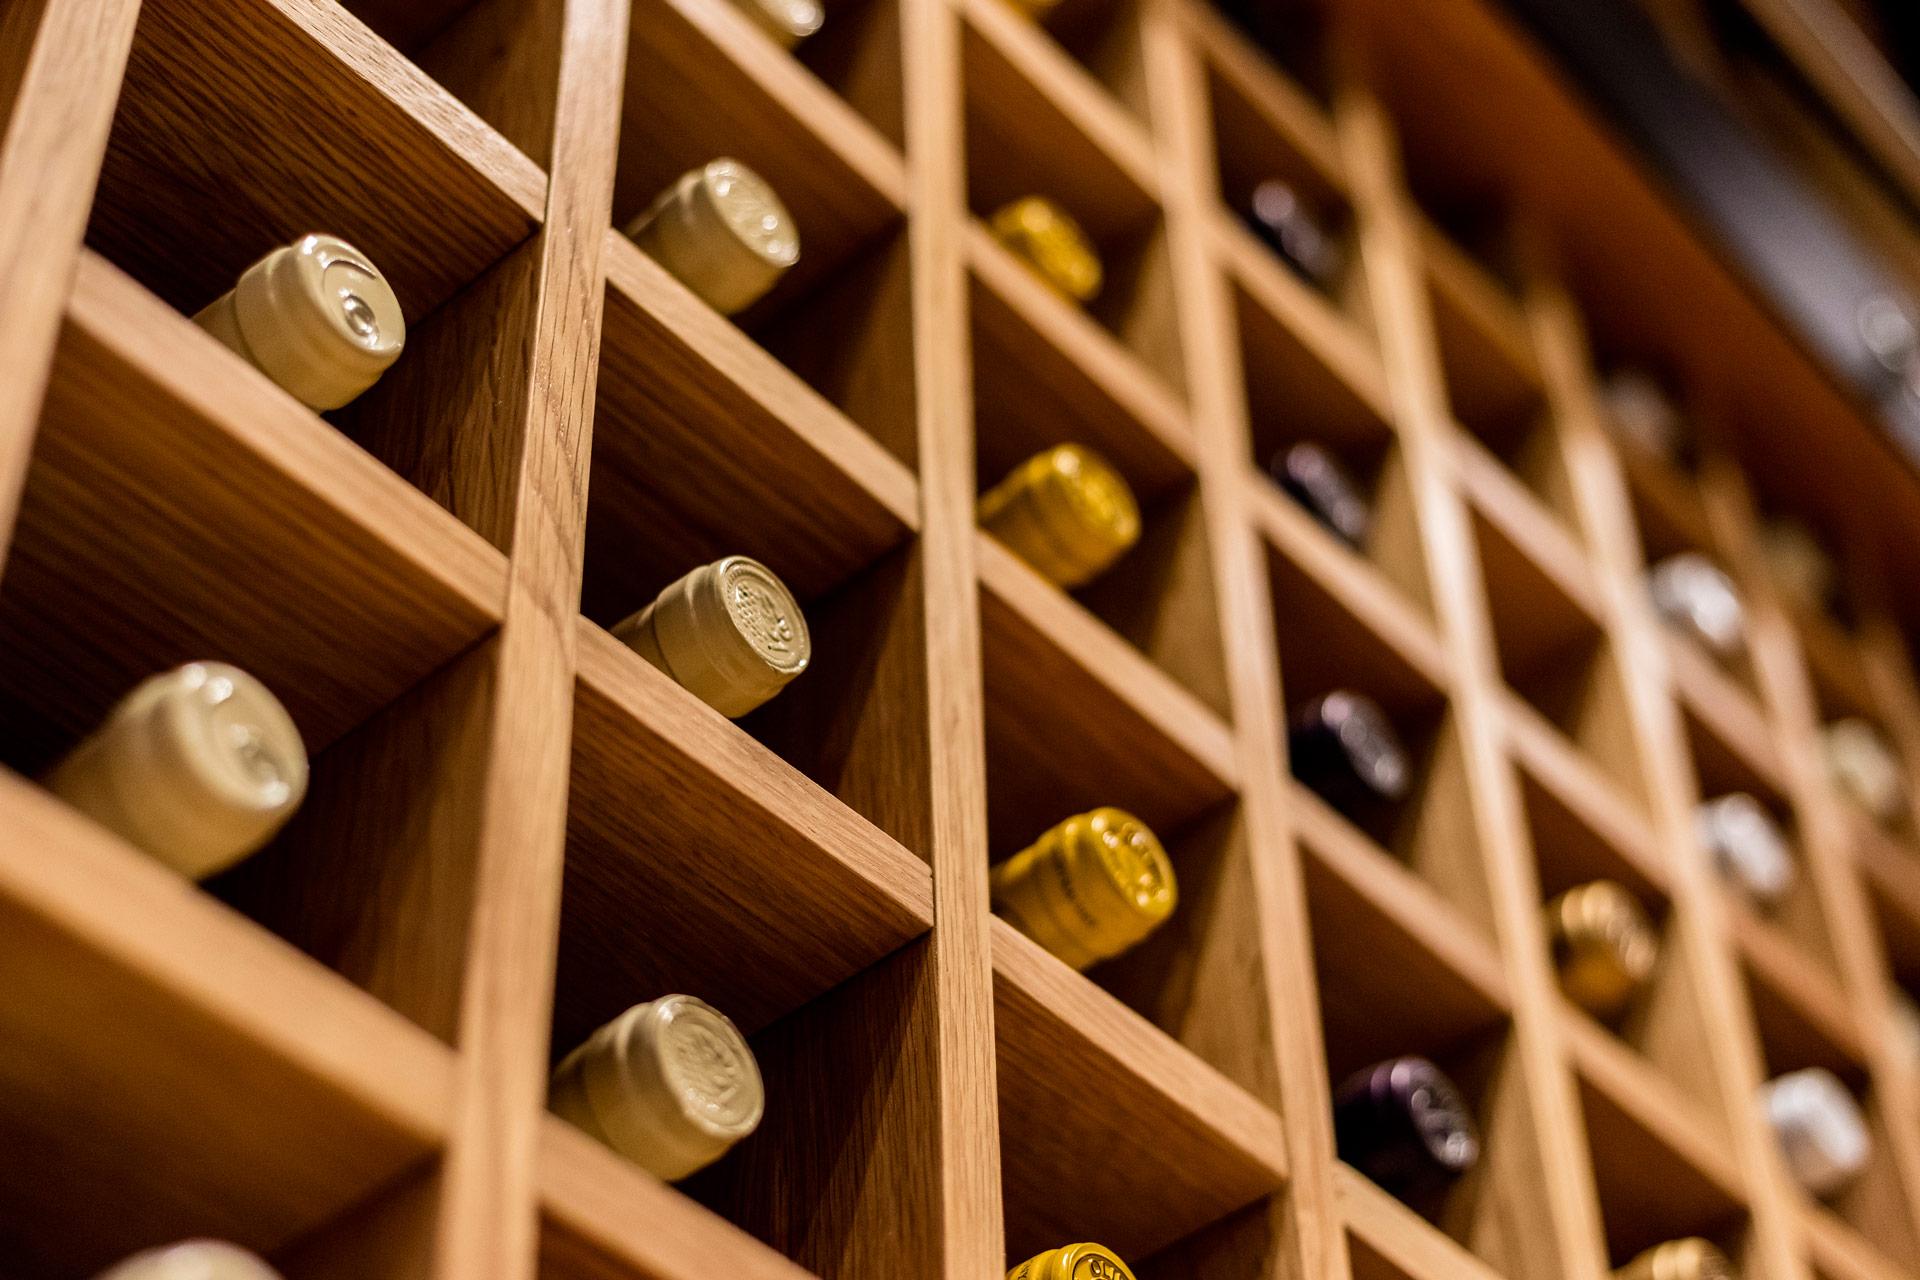 Pure Liquid Wine & Spirits retail store design ideas